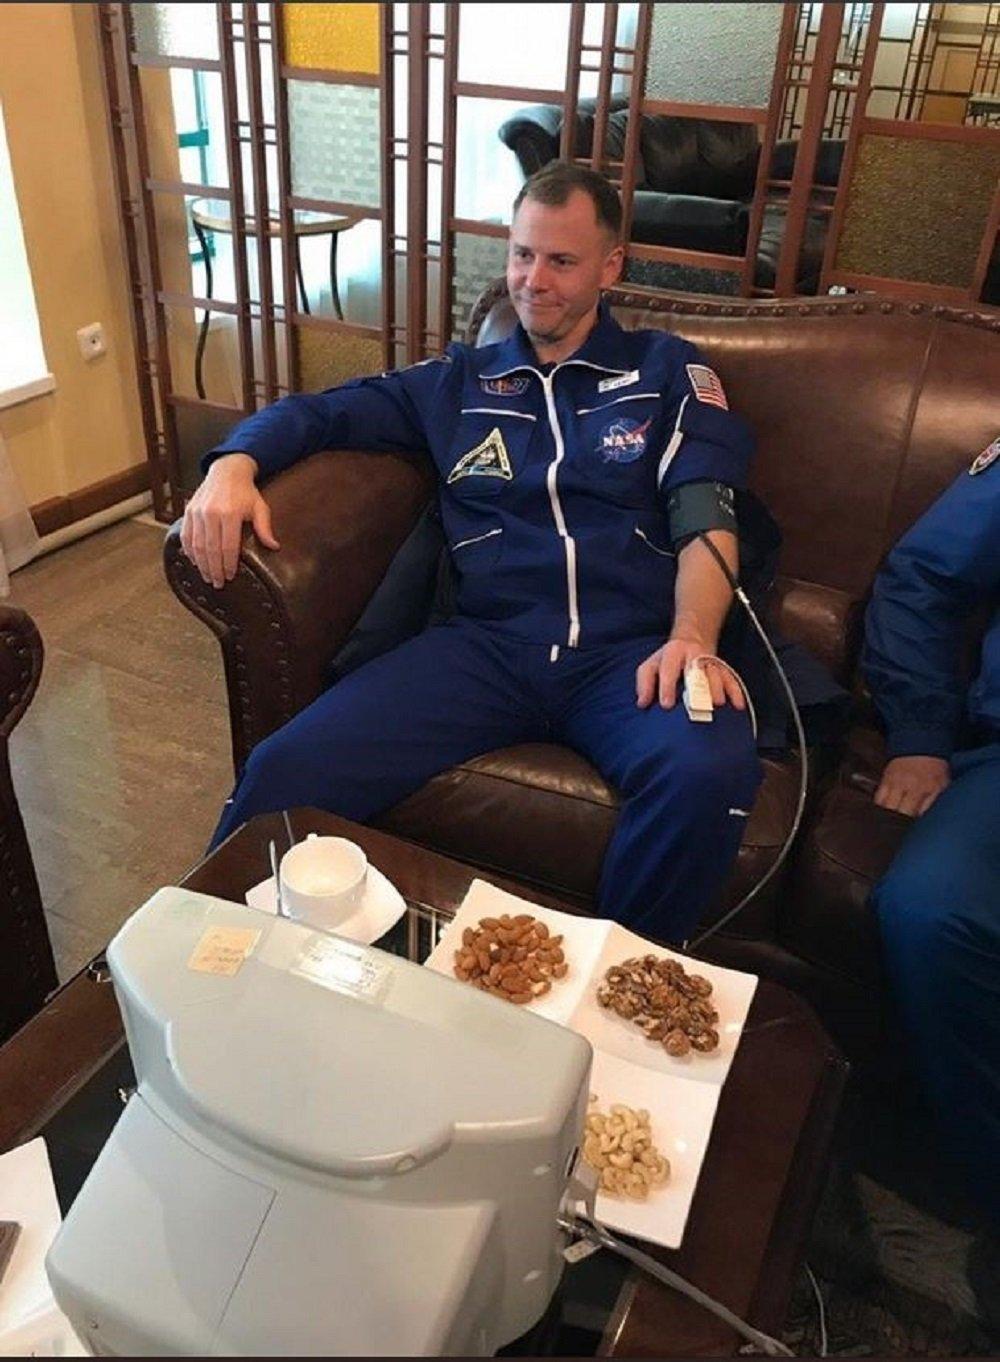 美國宇航員尼克·黑格